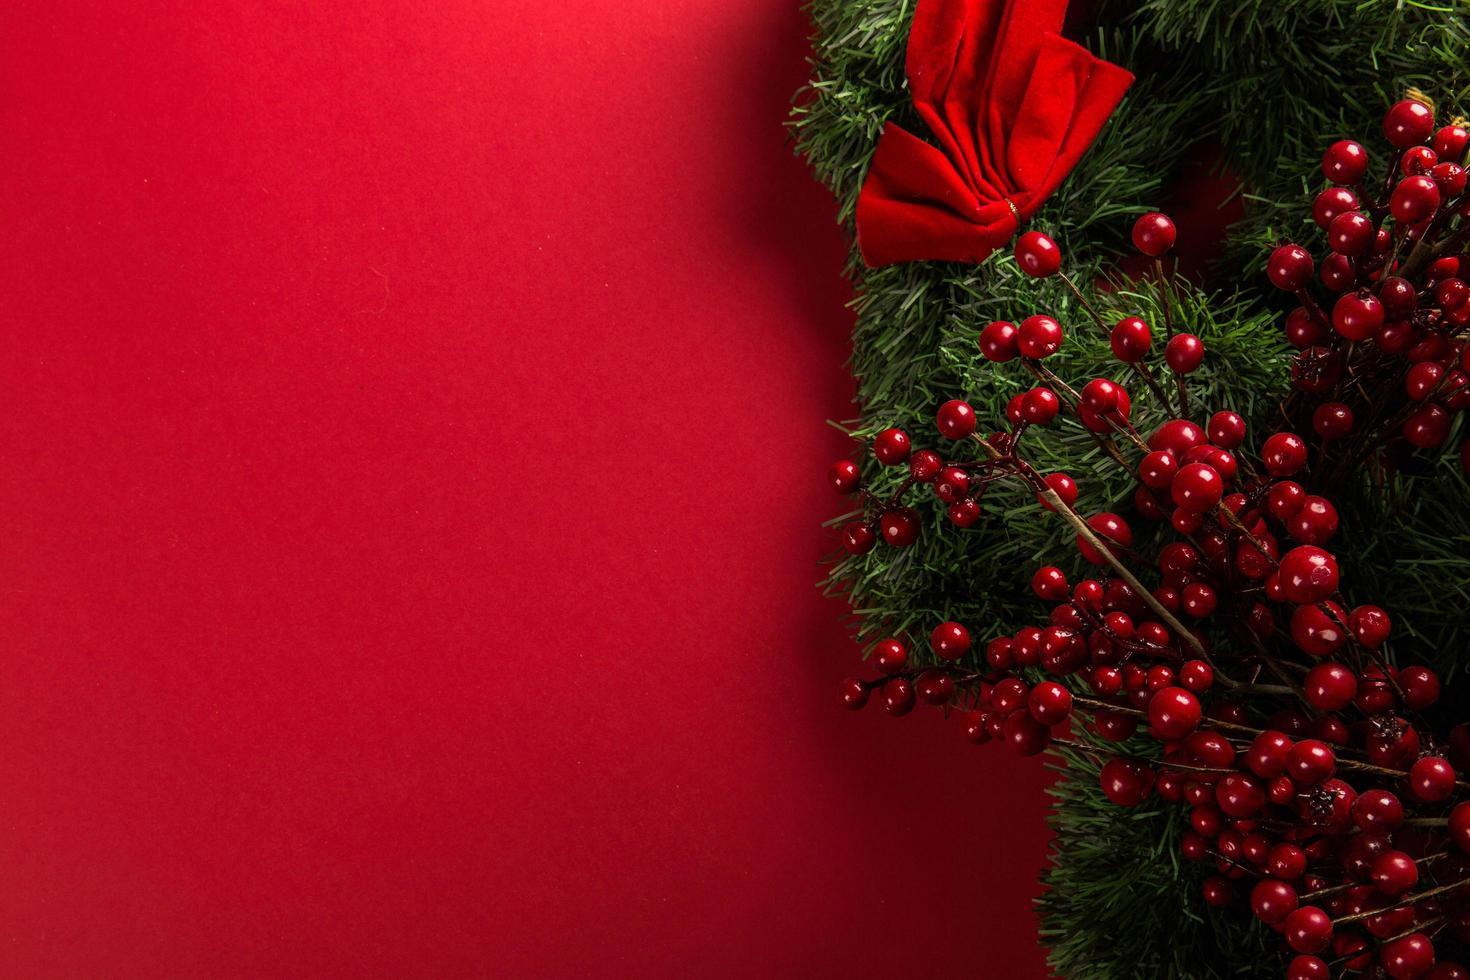 décorations de vacances rouges et vertes photo